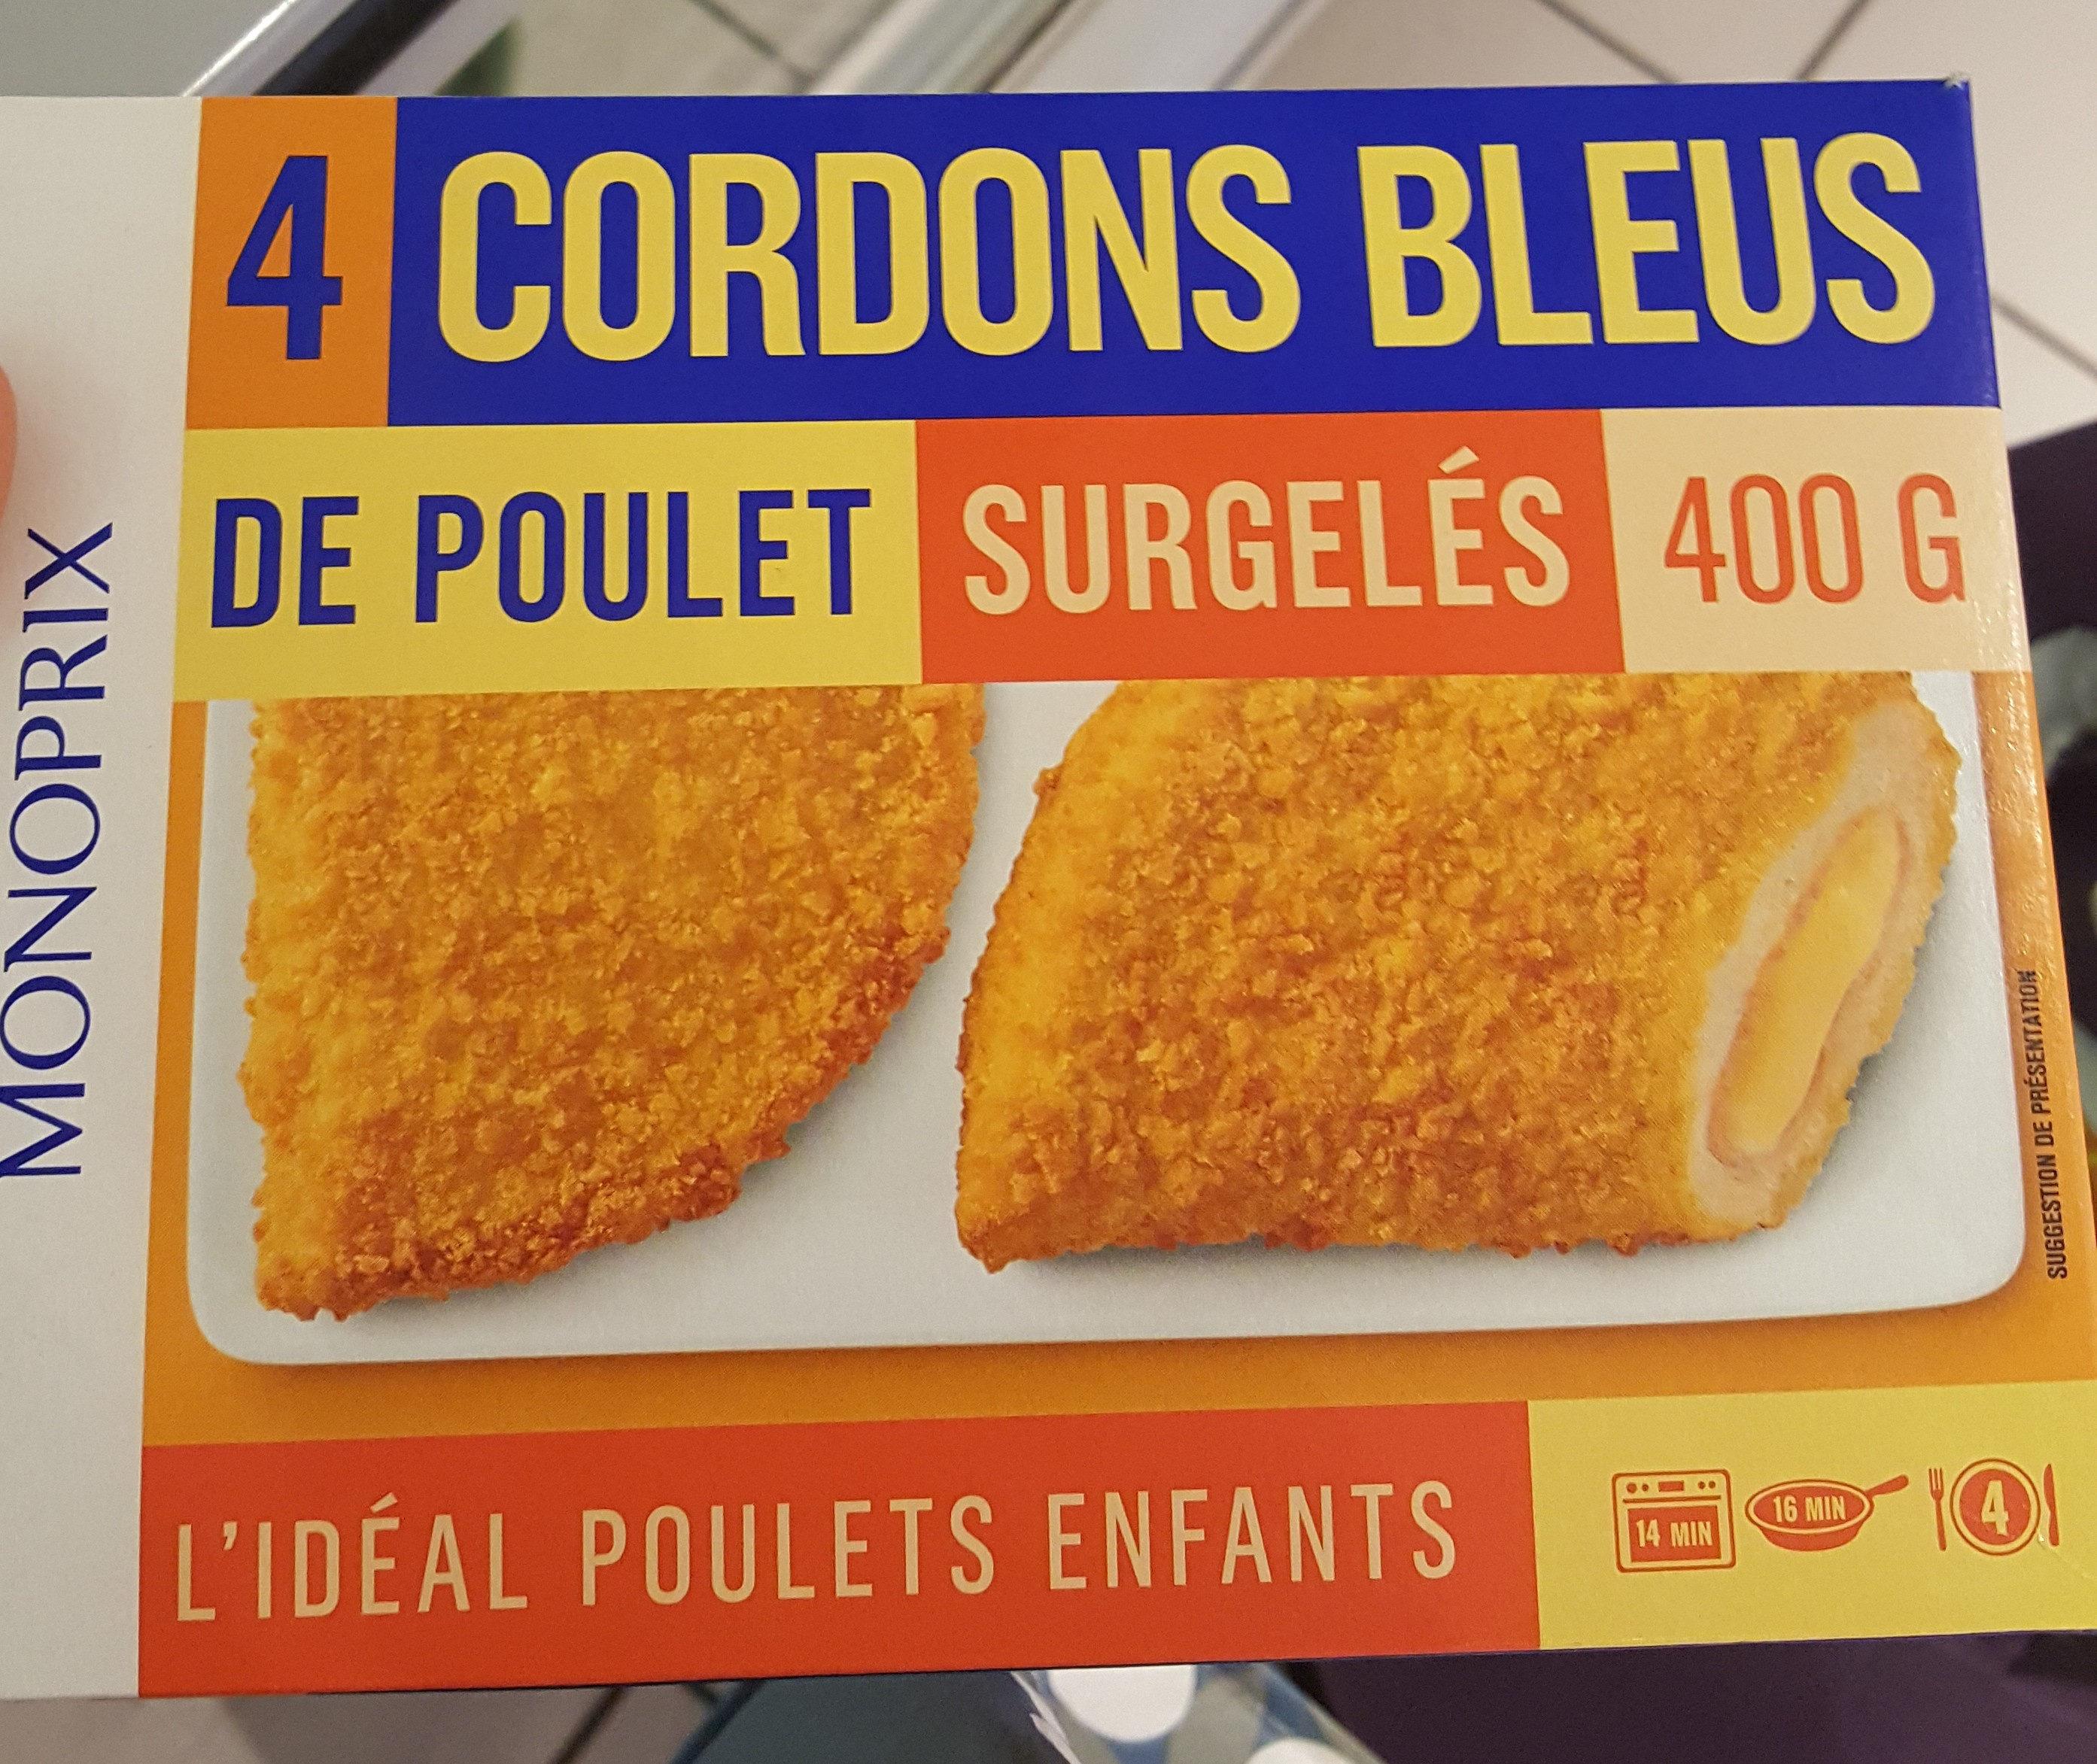 Cordons bleus de poulet surgelés - Produit